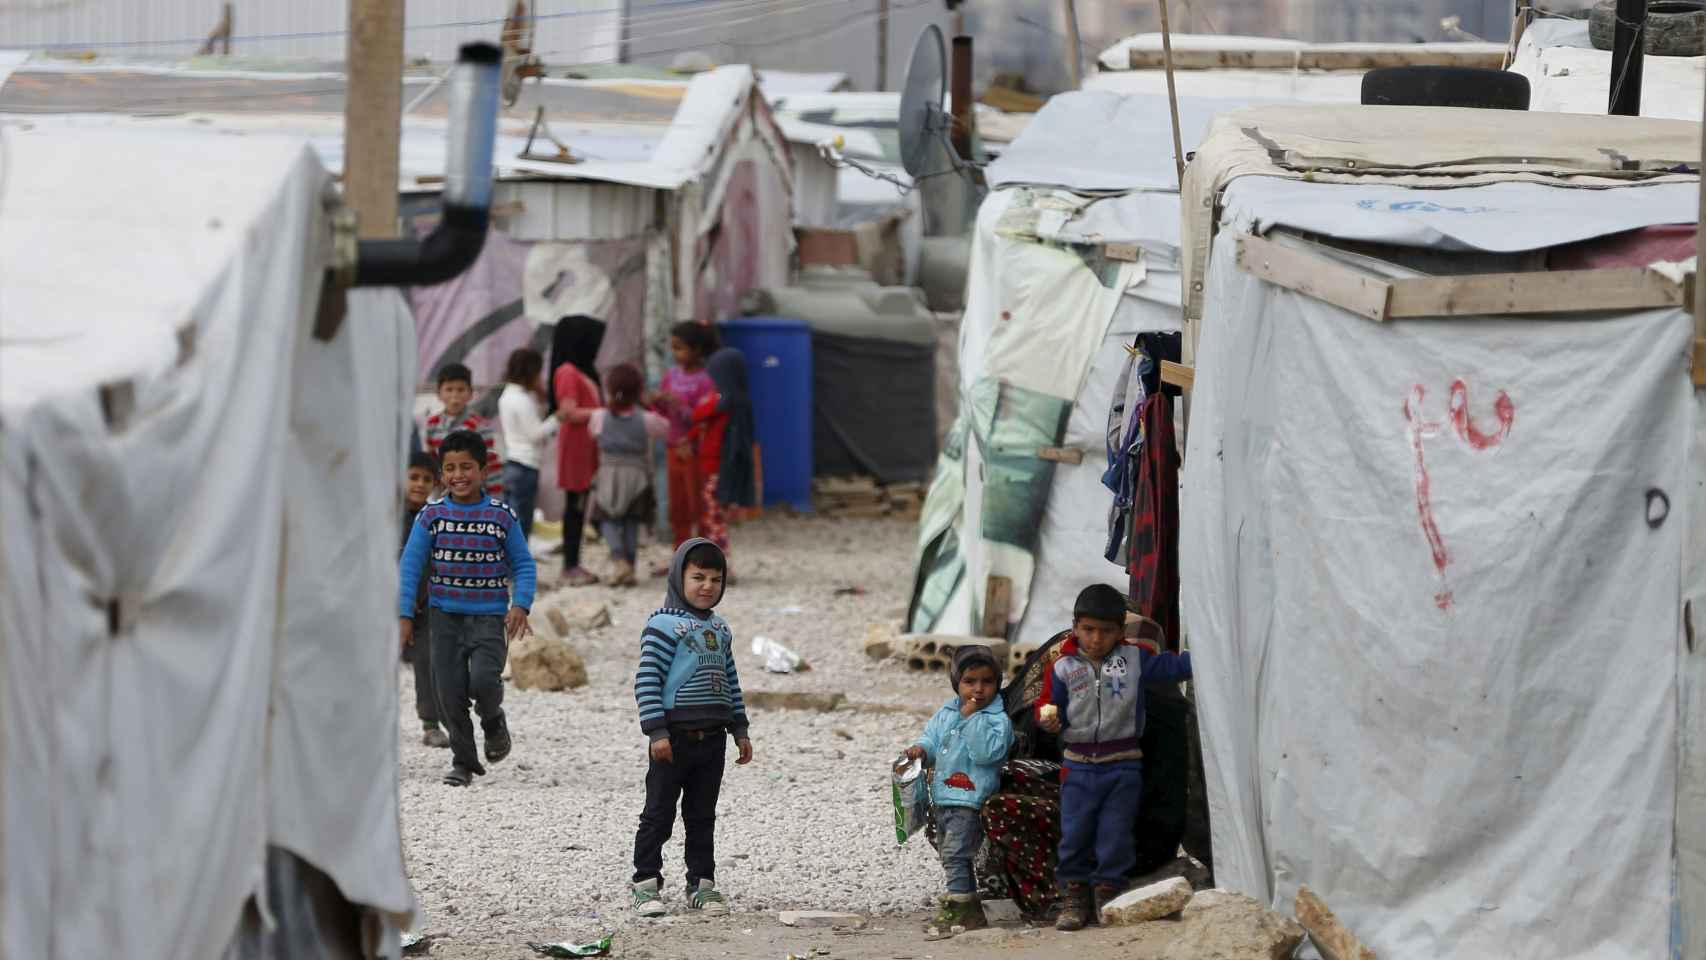 Un campamento de refugiados improvisado en Líbano.